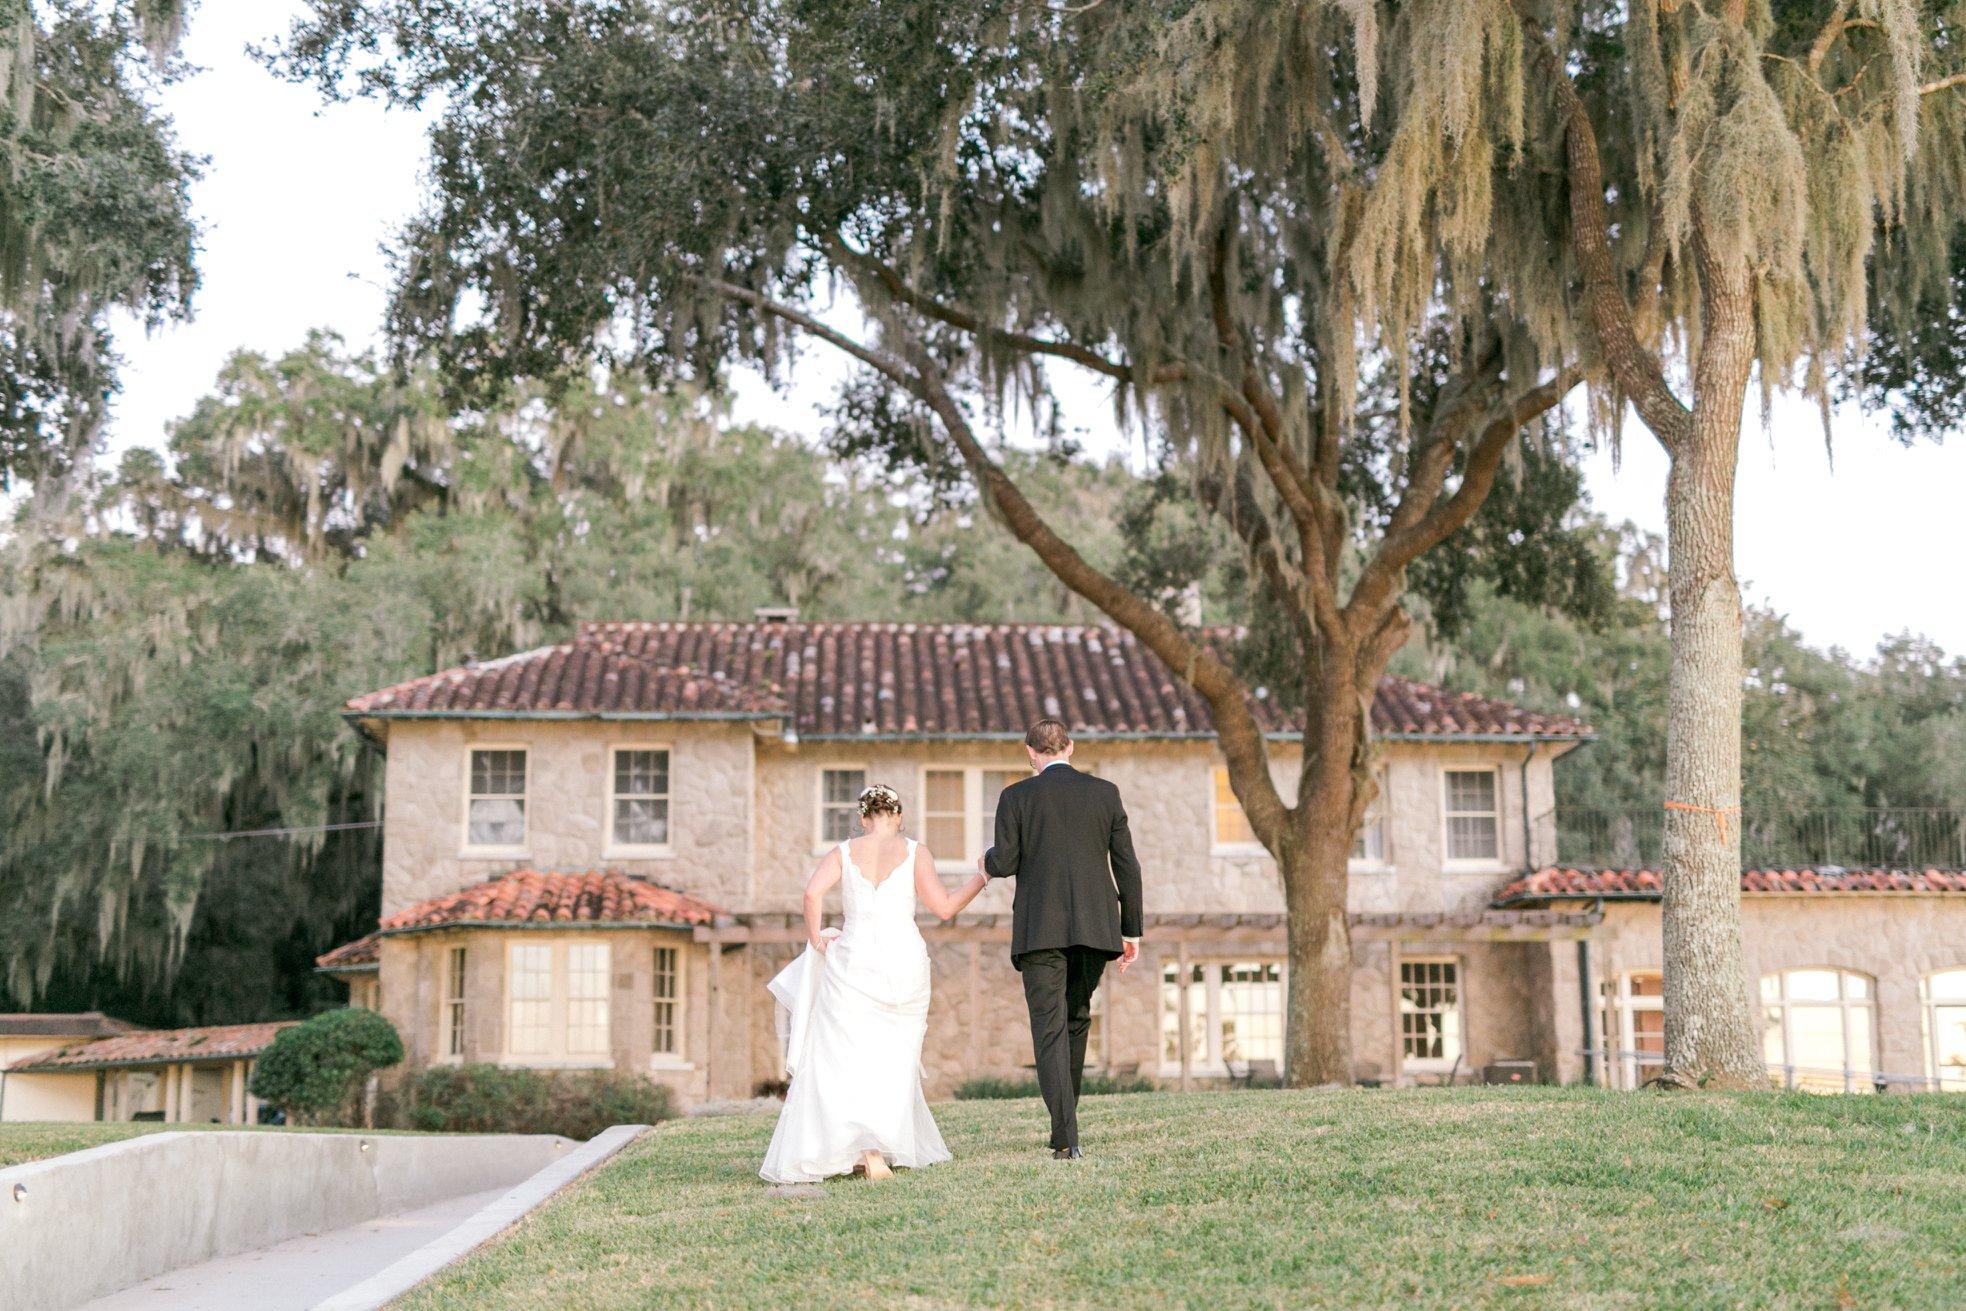 Bumby Photography - bride and groom walking toward Italian villa